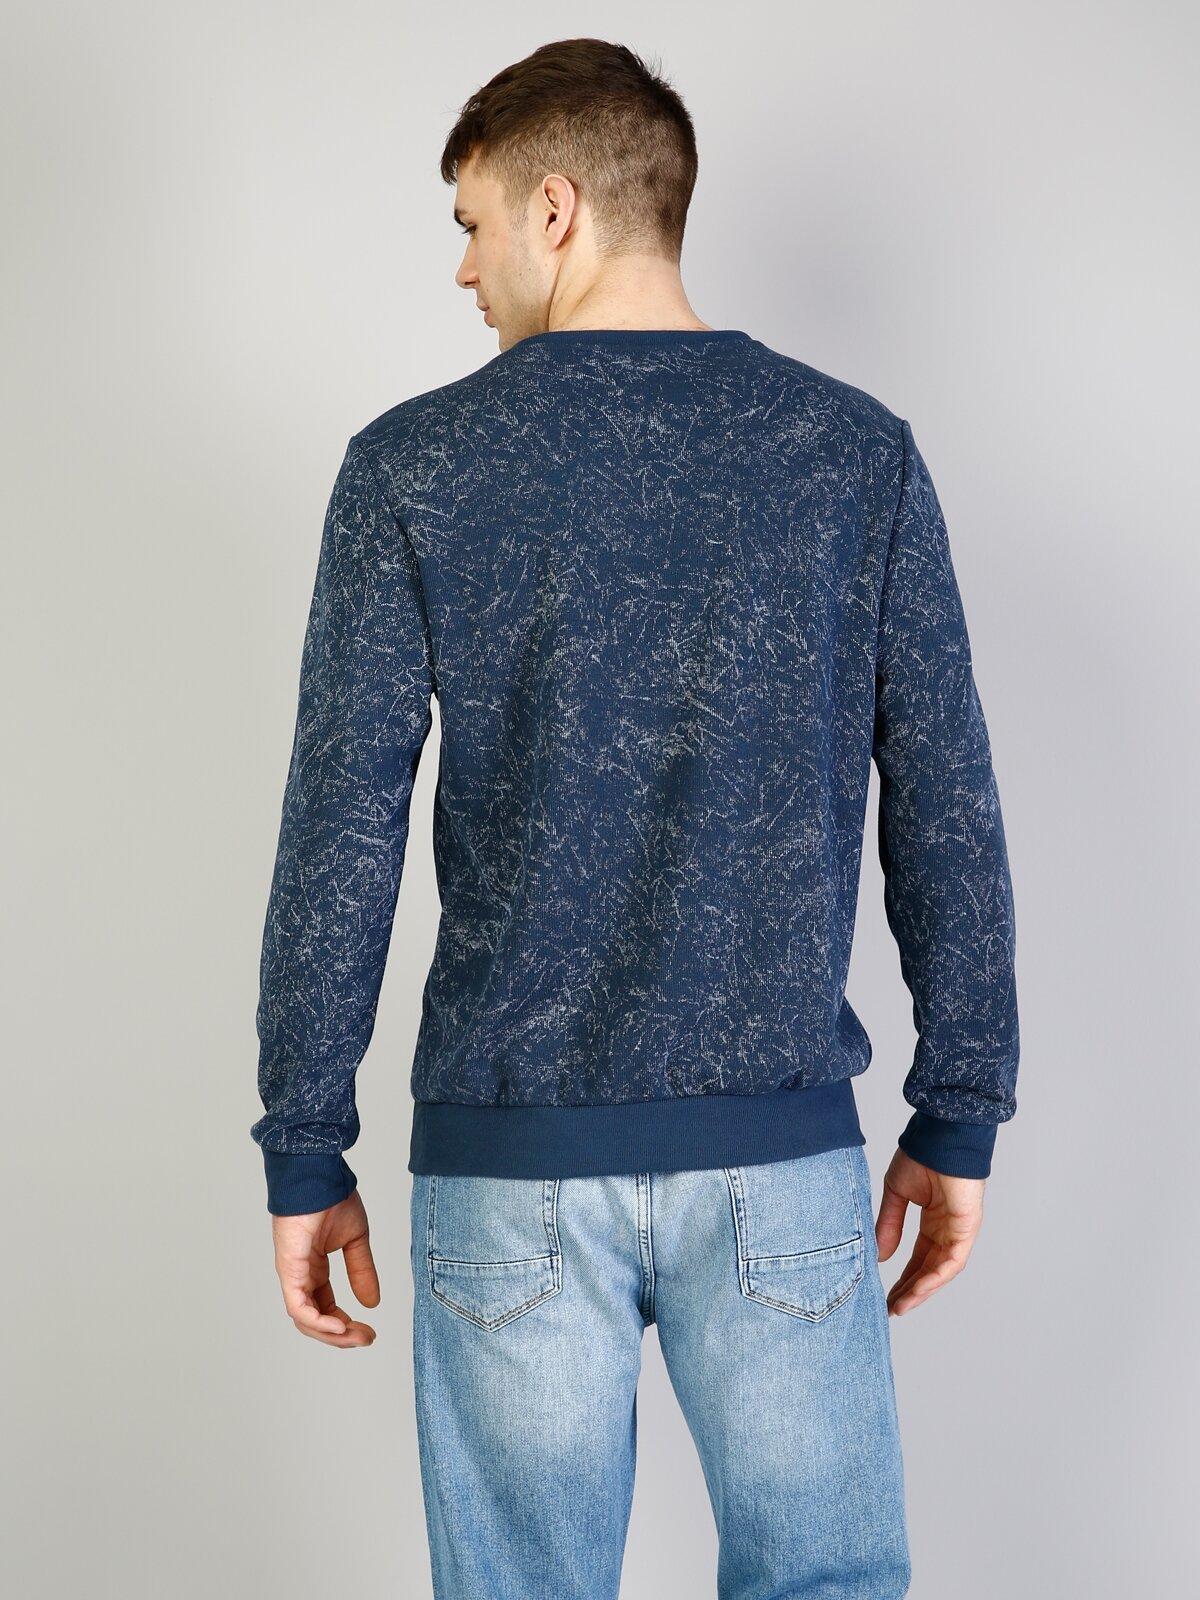 Lacivert Baskılı Uzun Kol Sweatshirt